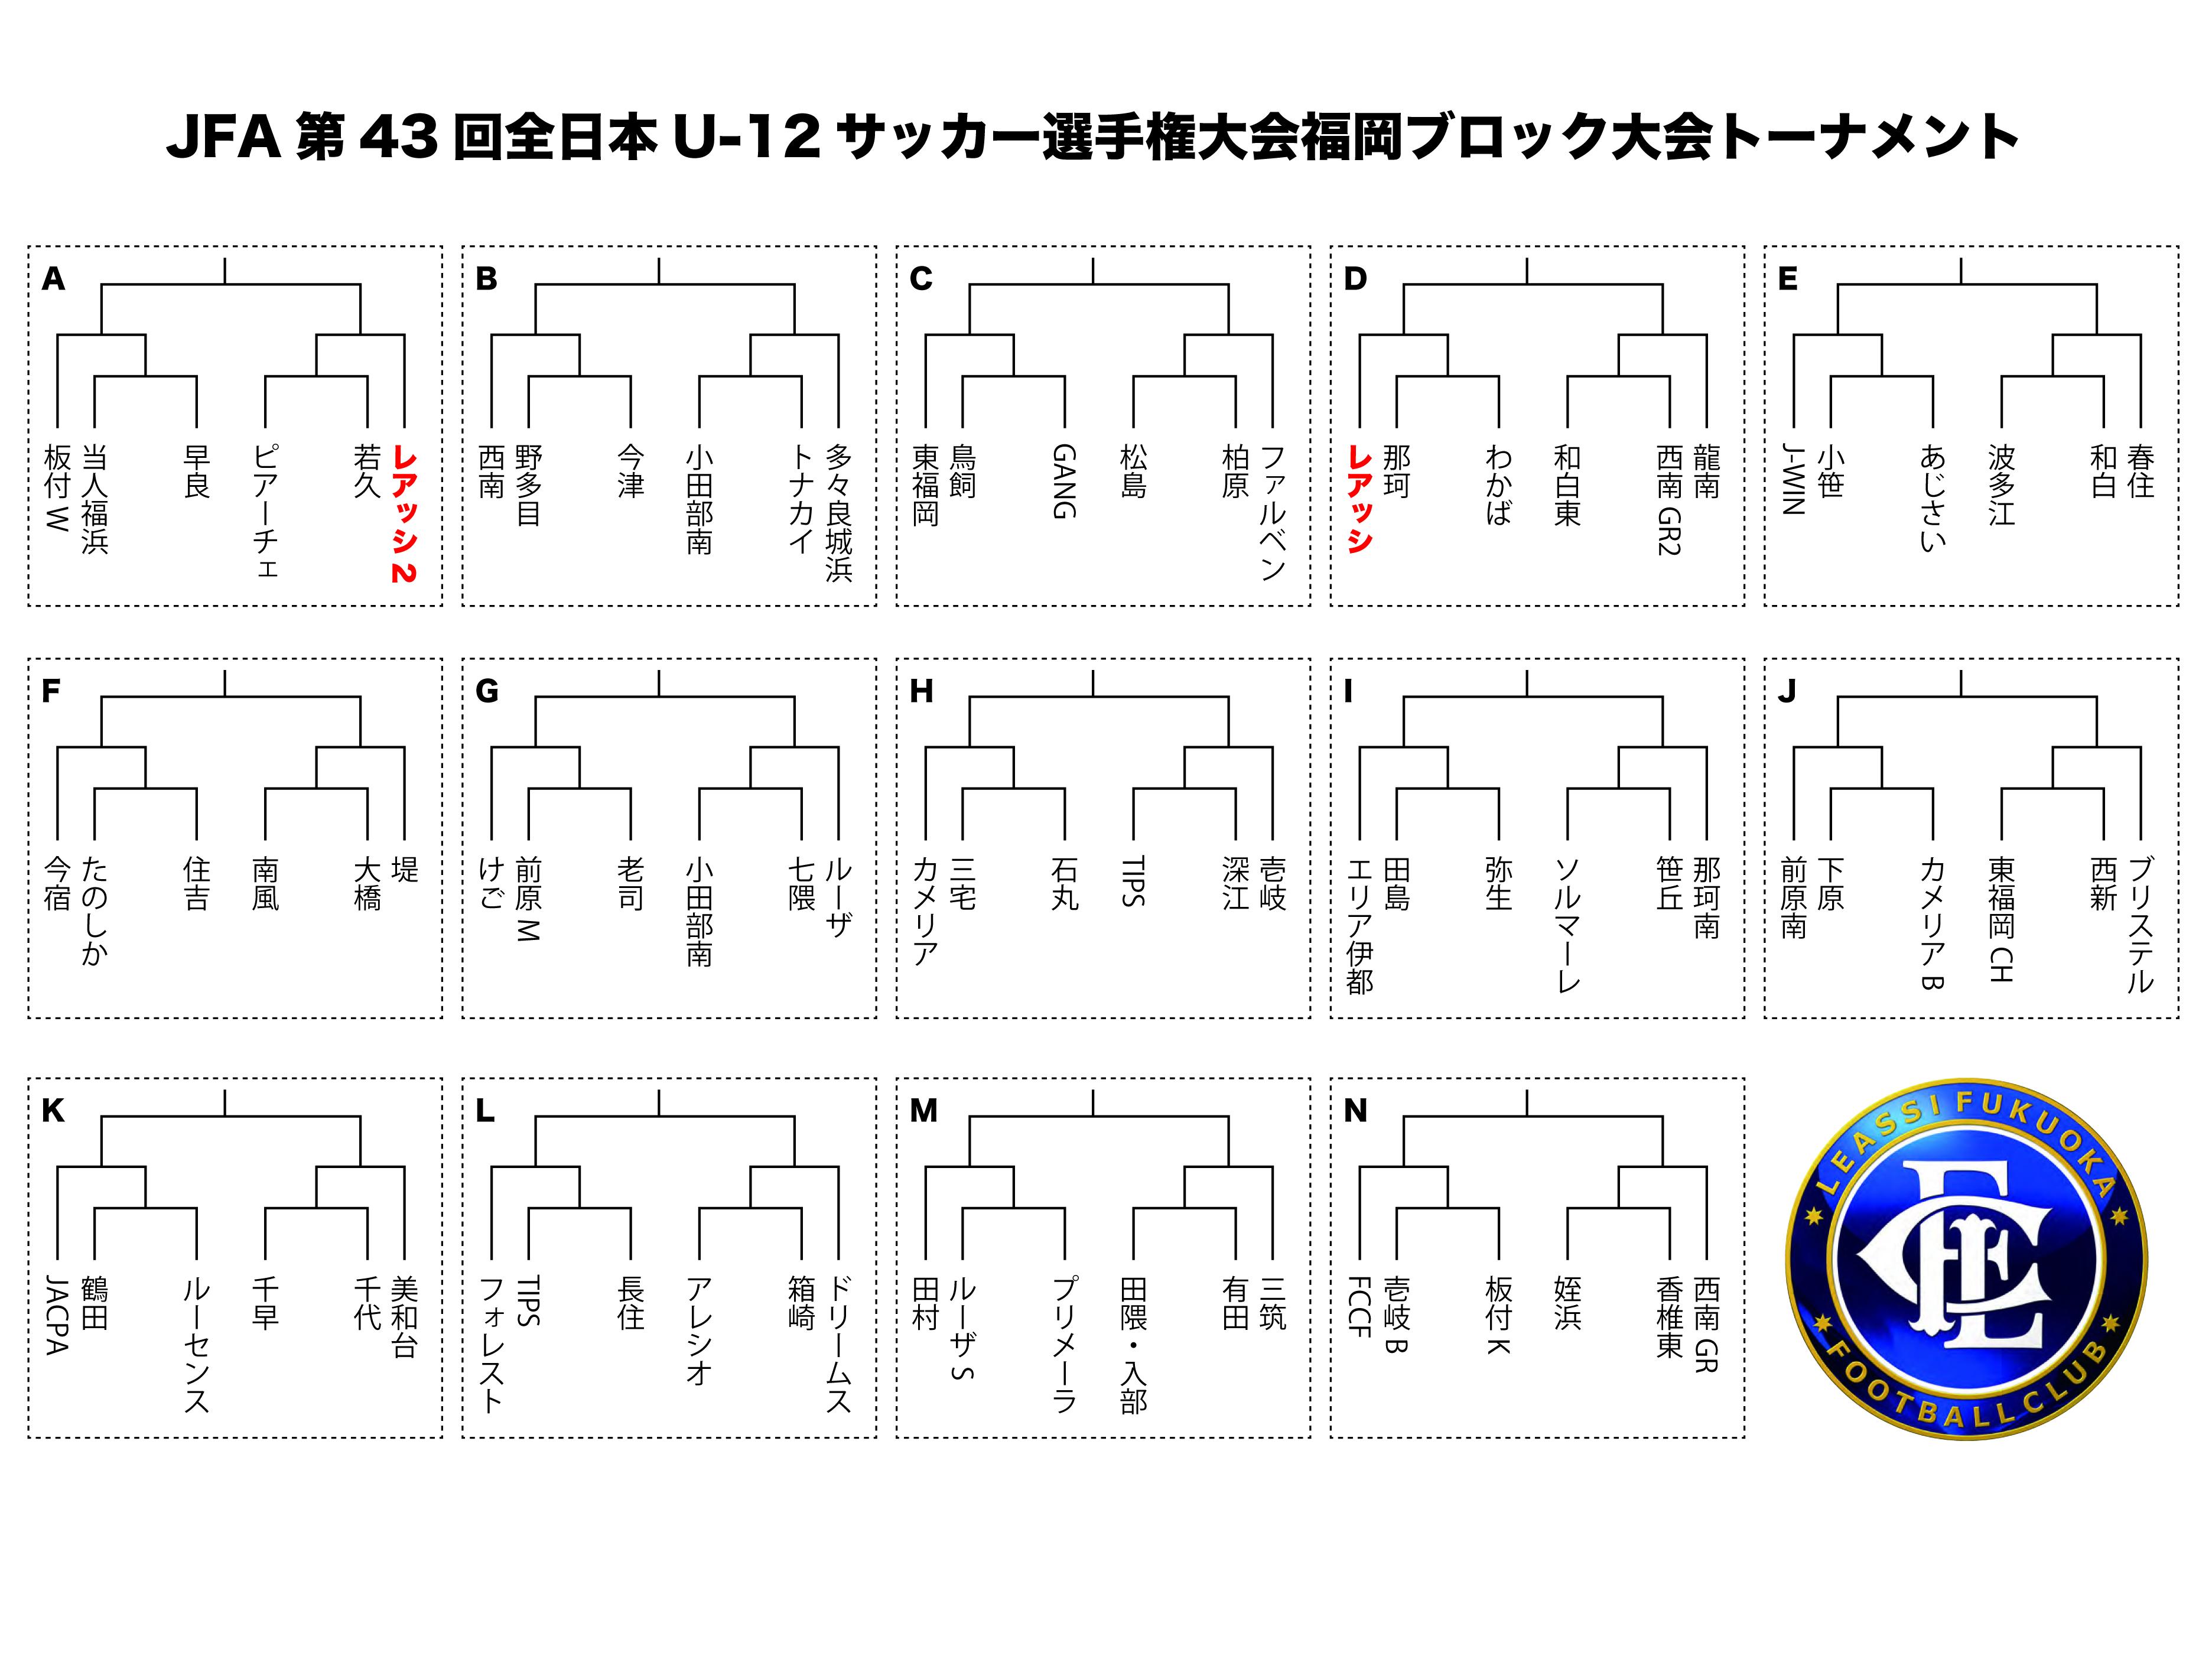 全日本U-12サッカー選手権大会組合せ